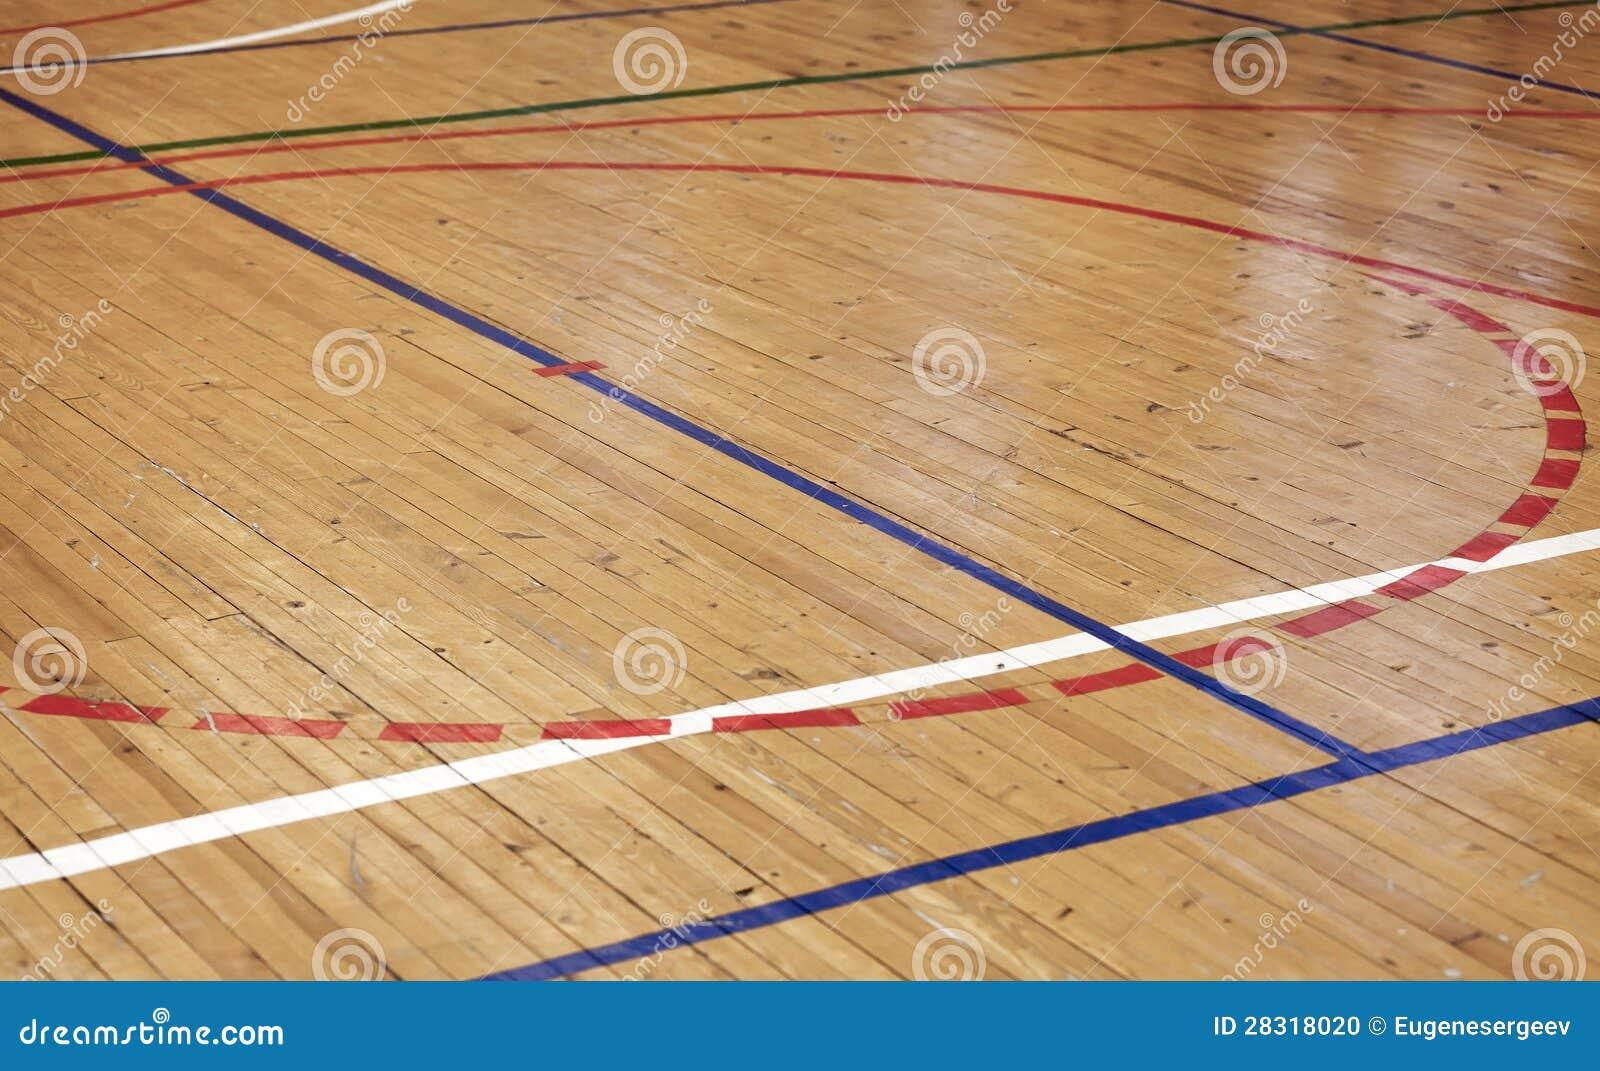 Houten vloer in sporthal met kleurrijke lijnen stock foto afbeelding 28318020 - Houten vloer hal bad ...